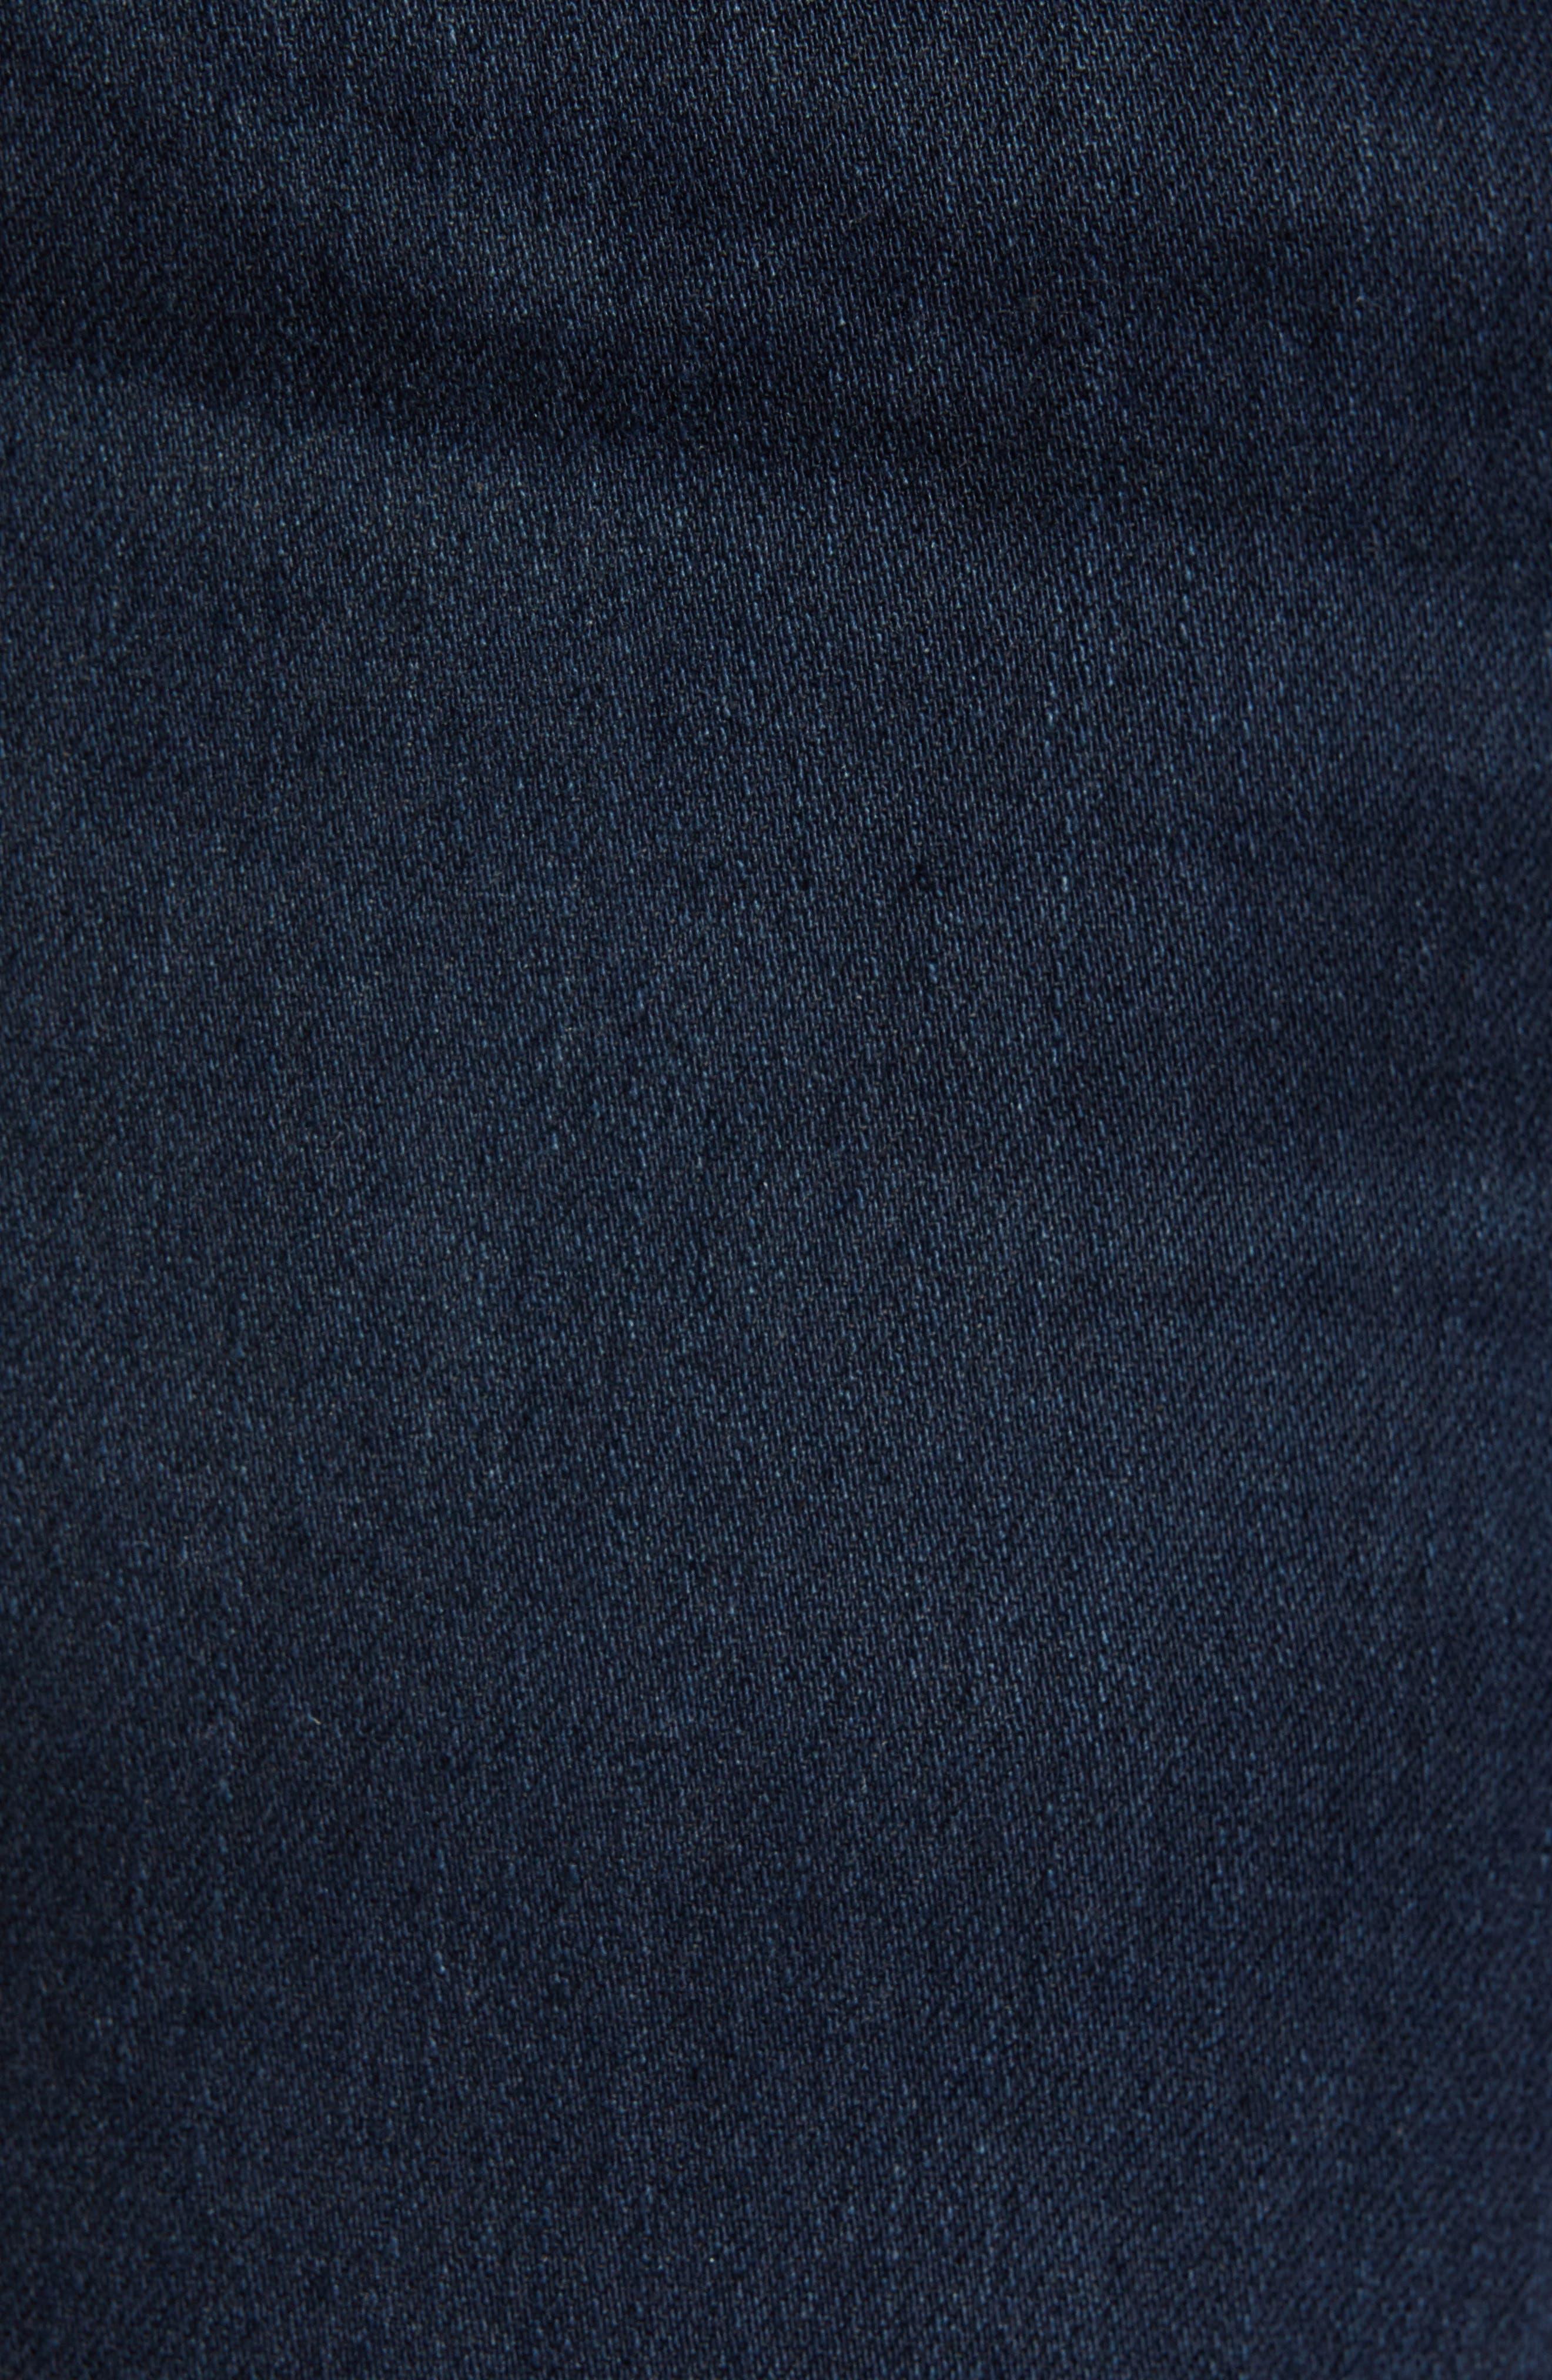 Everett Slim Straight Jeans,                             Alternate thumbnail 5, color,                             ORISON